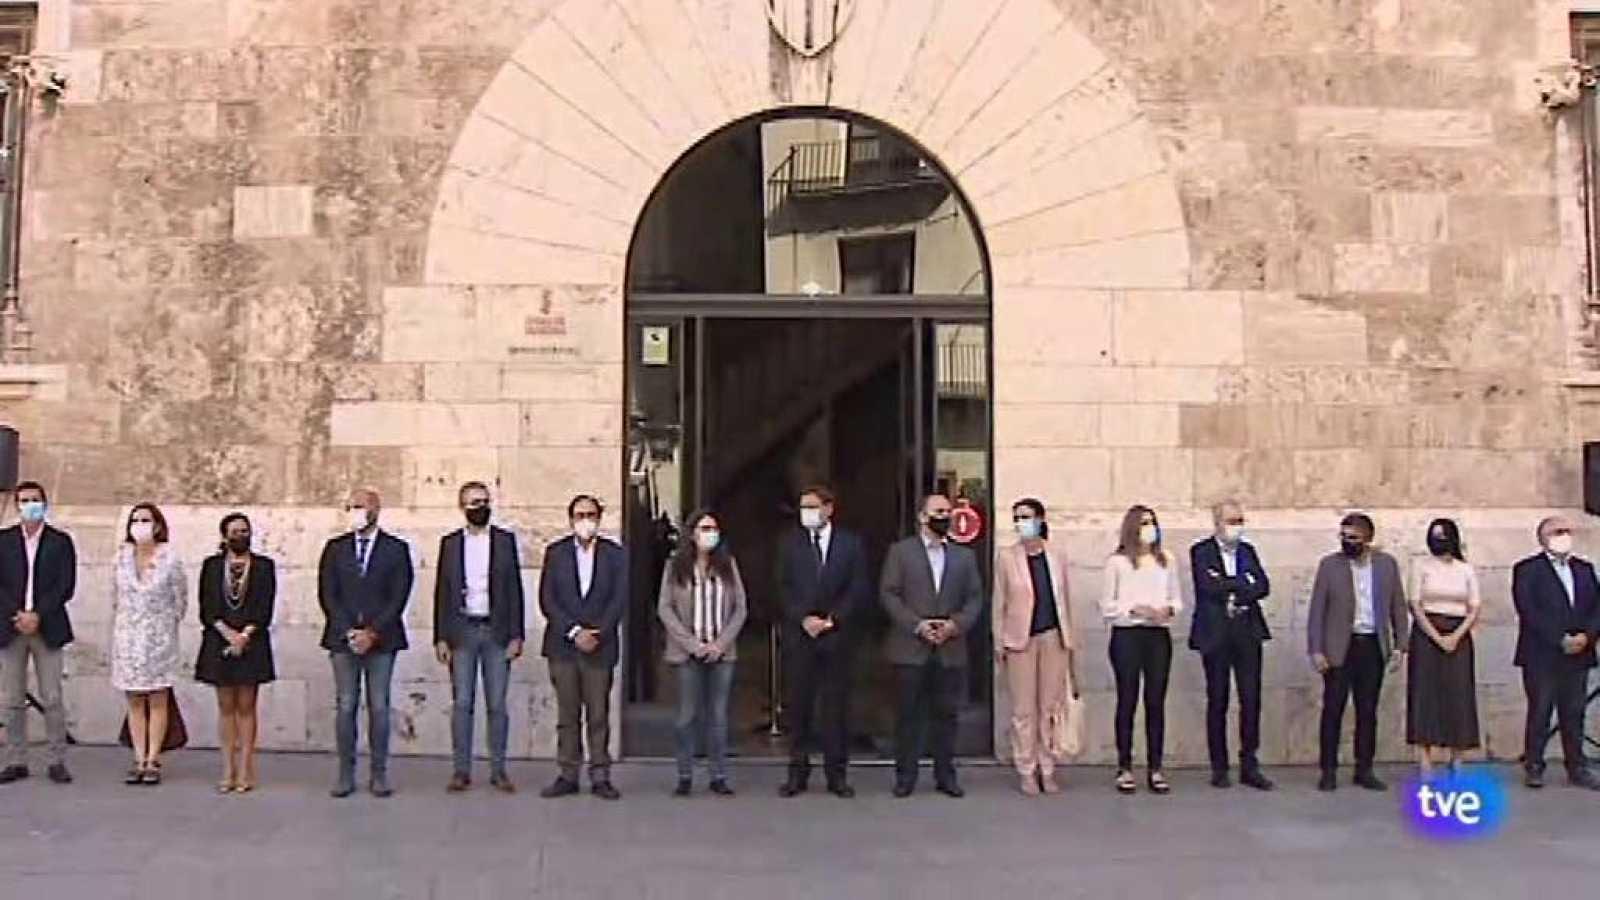 L'Informatiu - Comunitat Valenciana - 25/09/20 - ver ahora